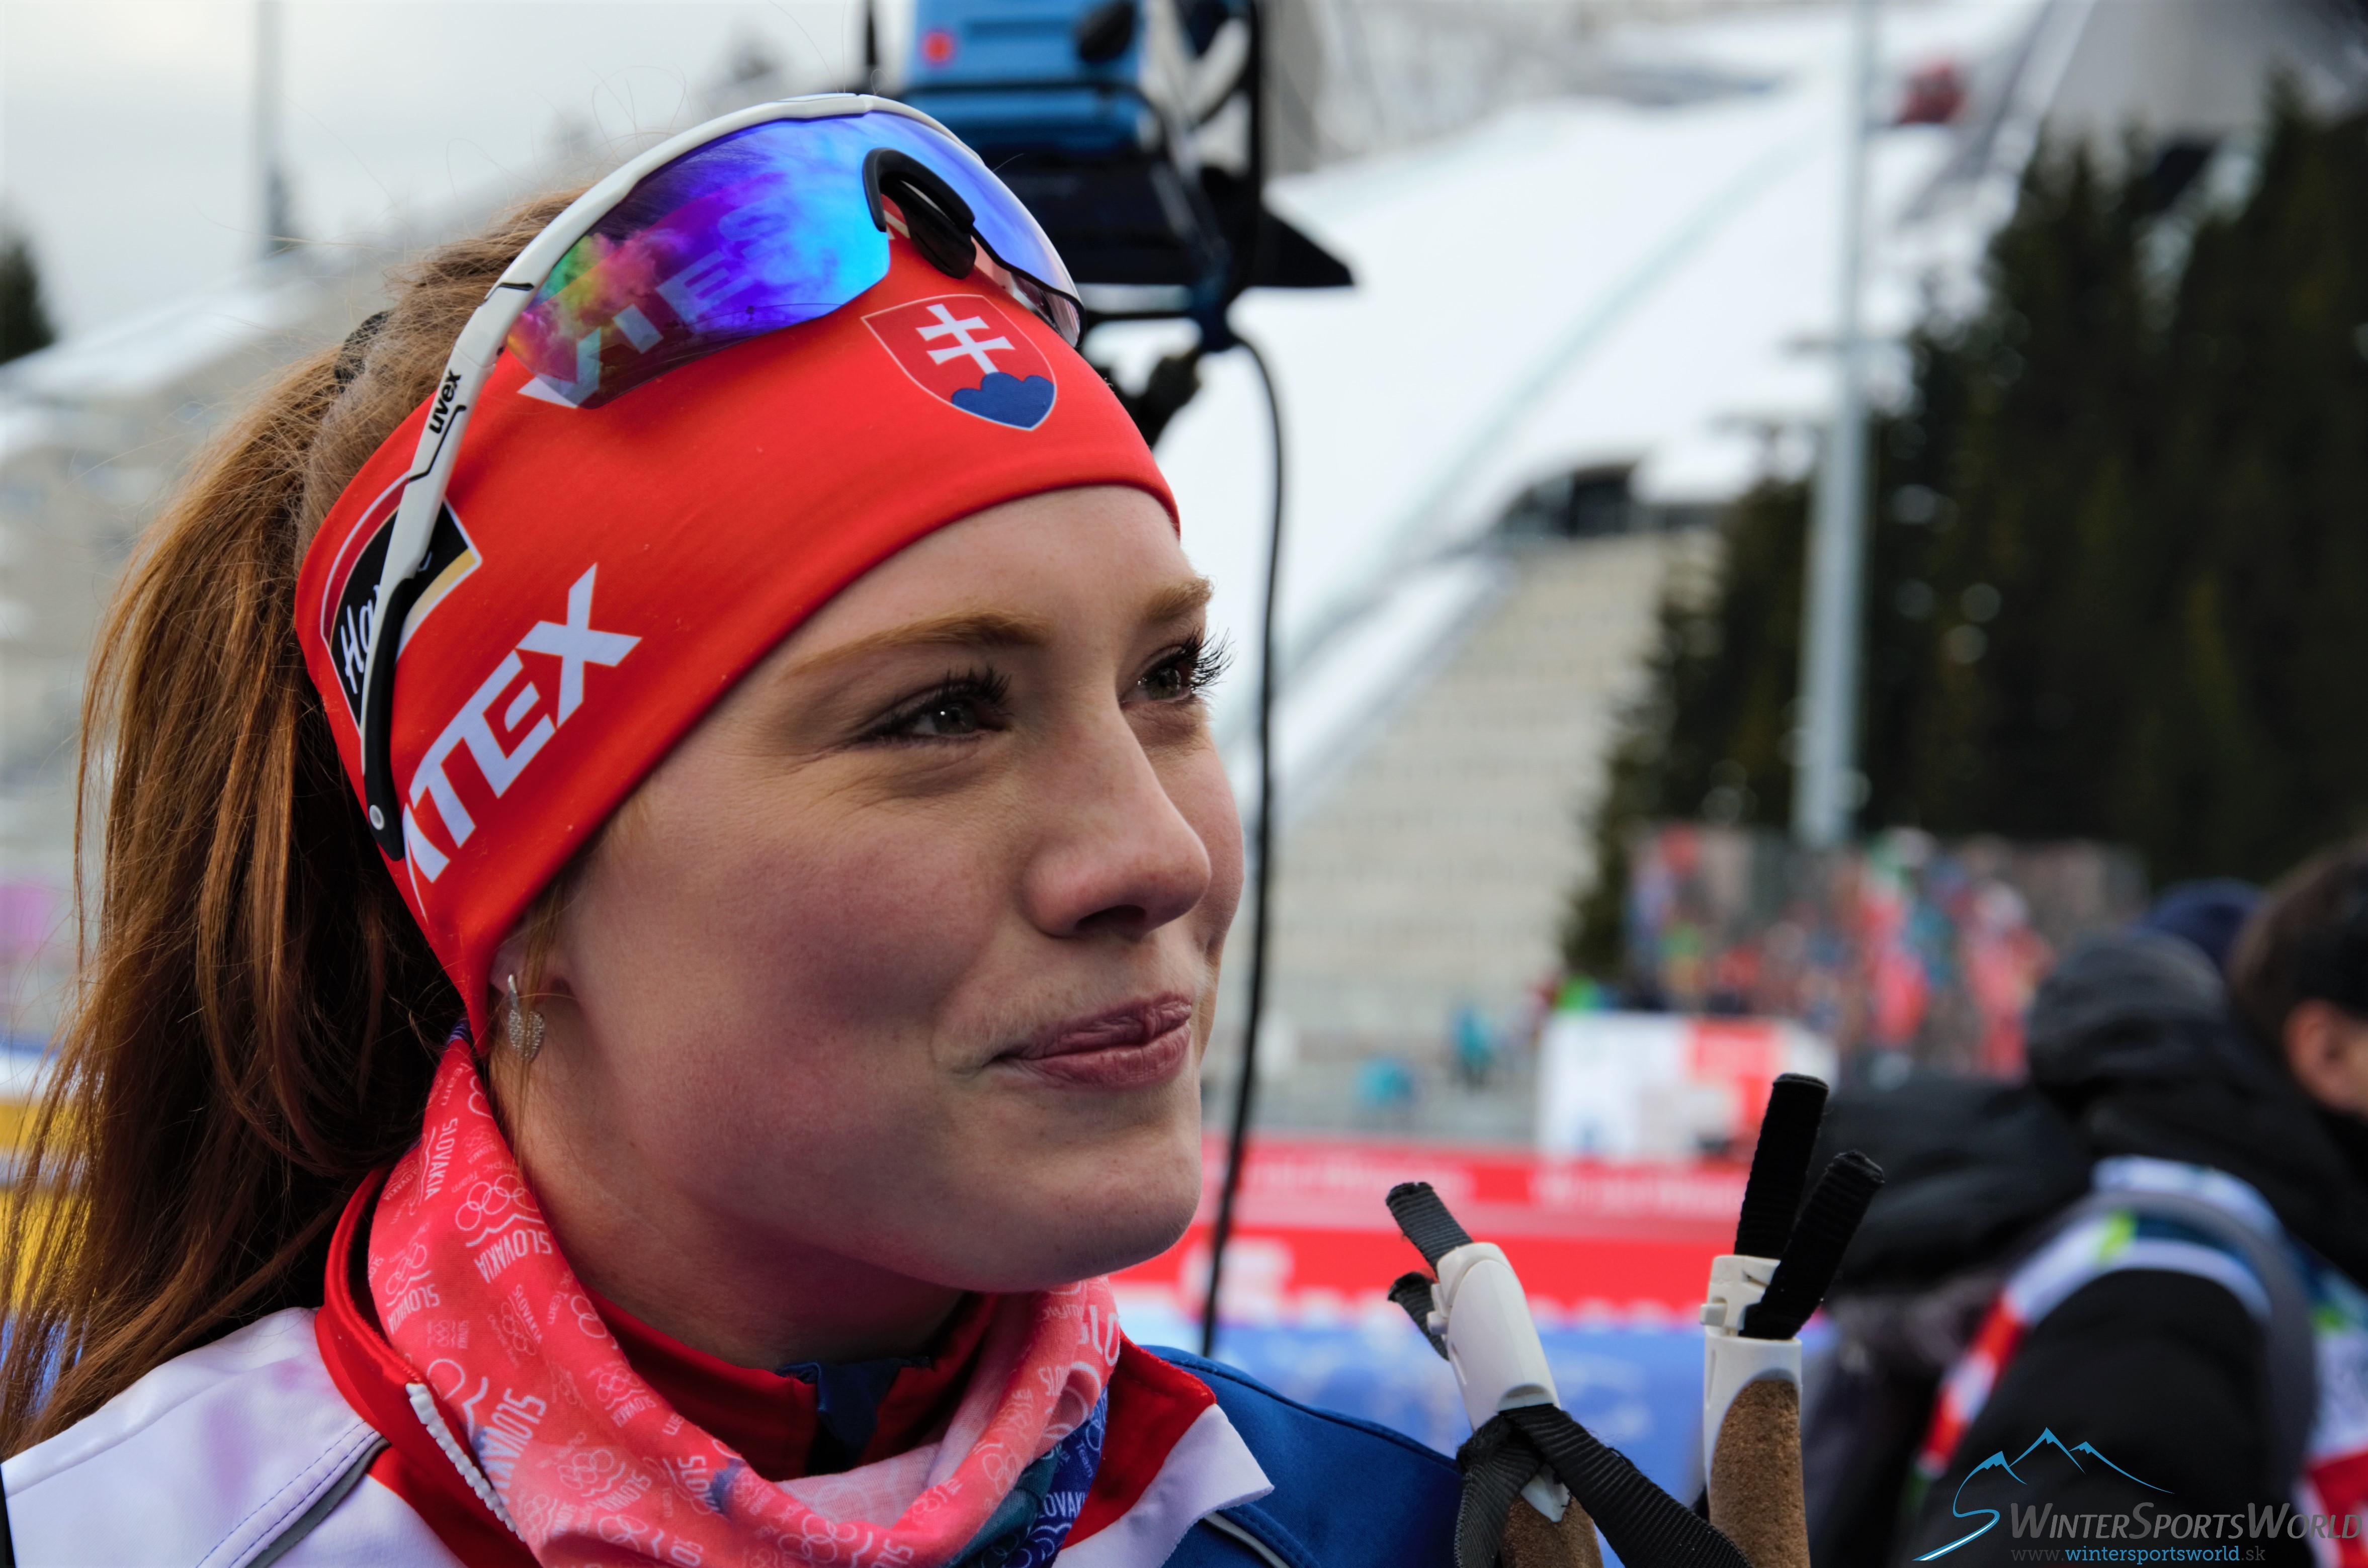 Fialkova Ivona